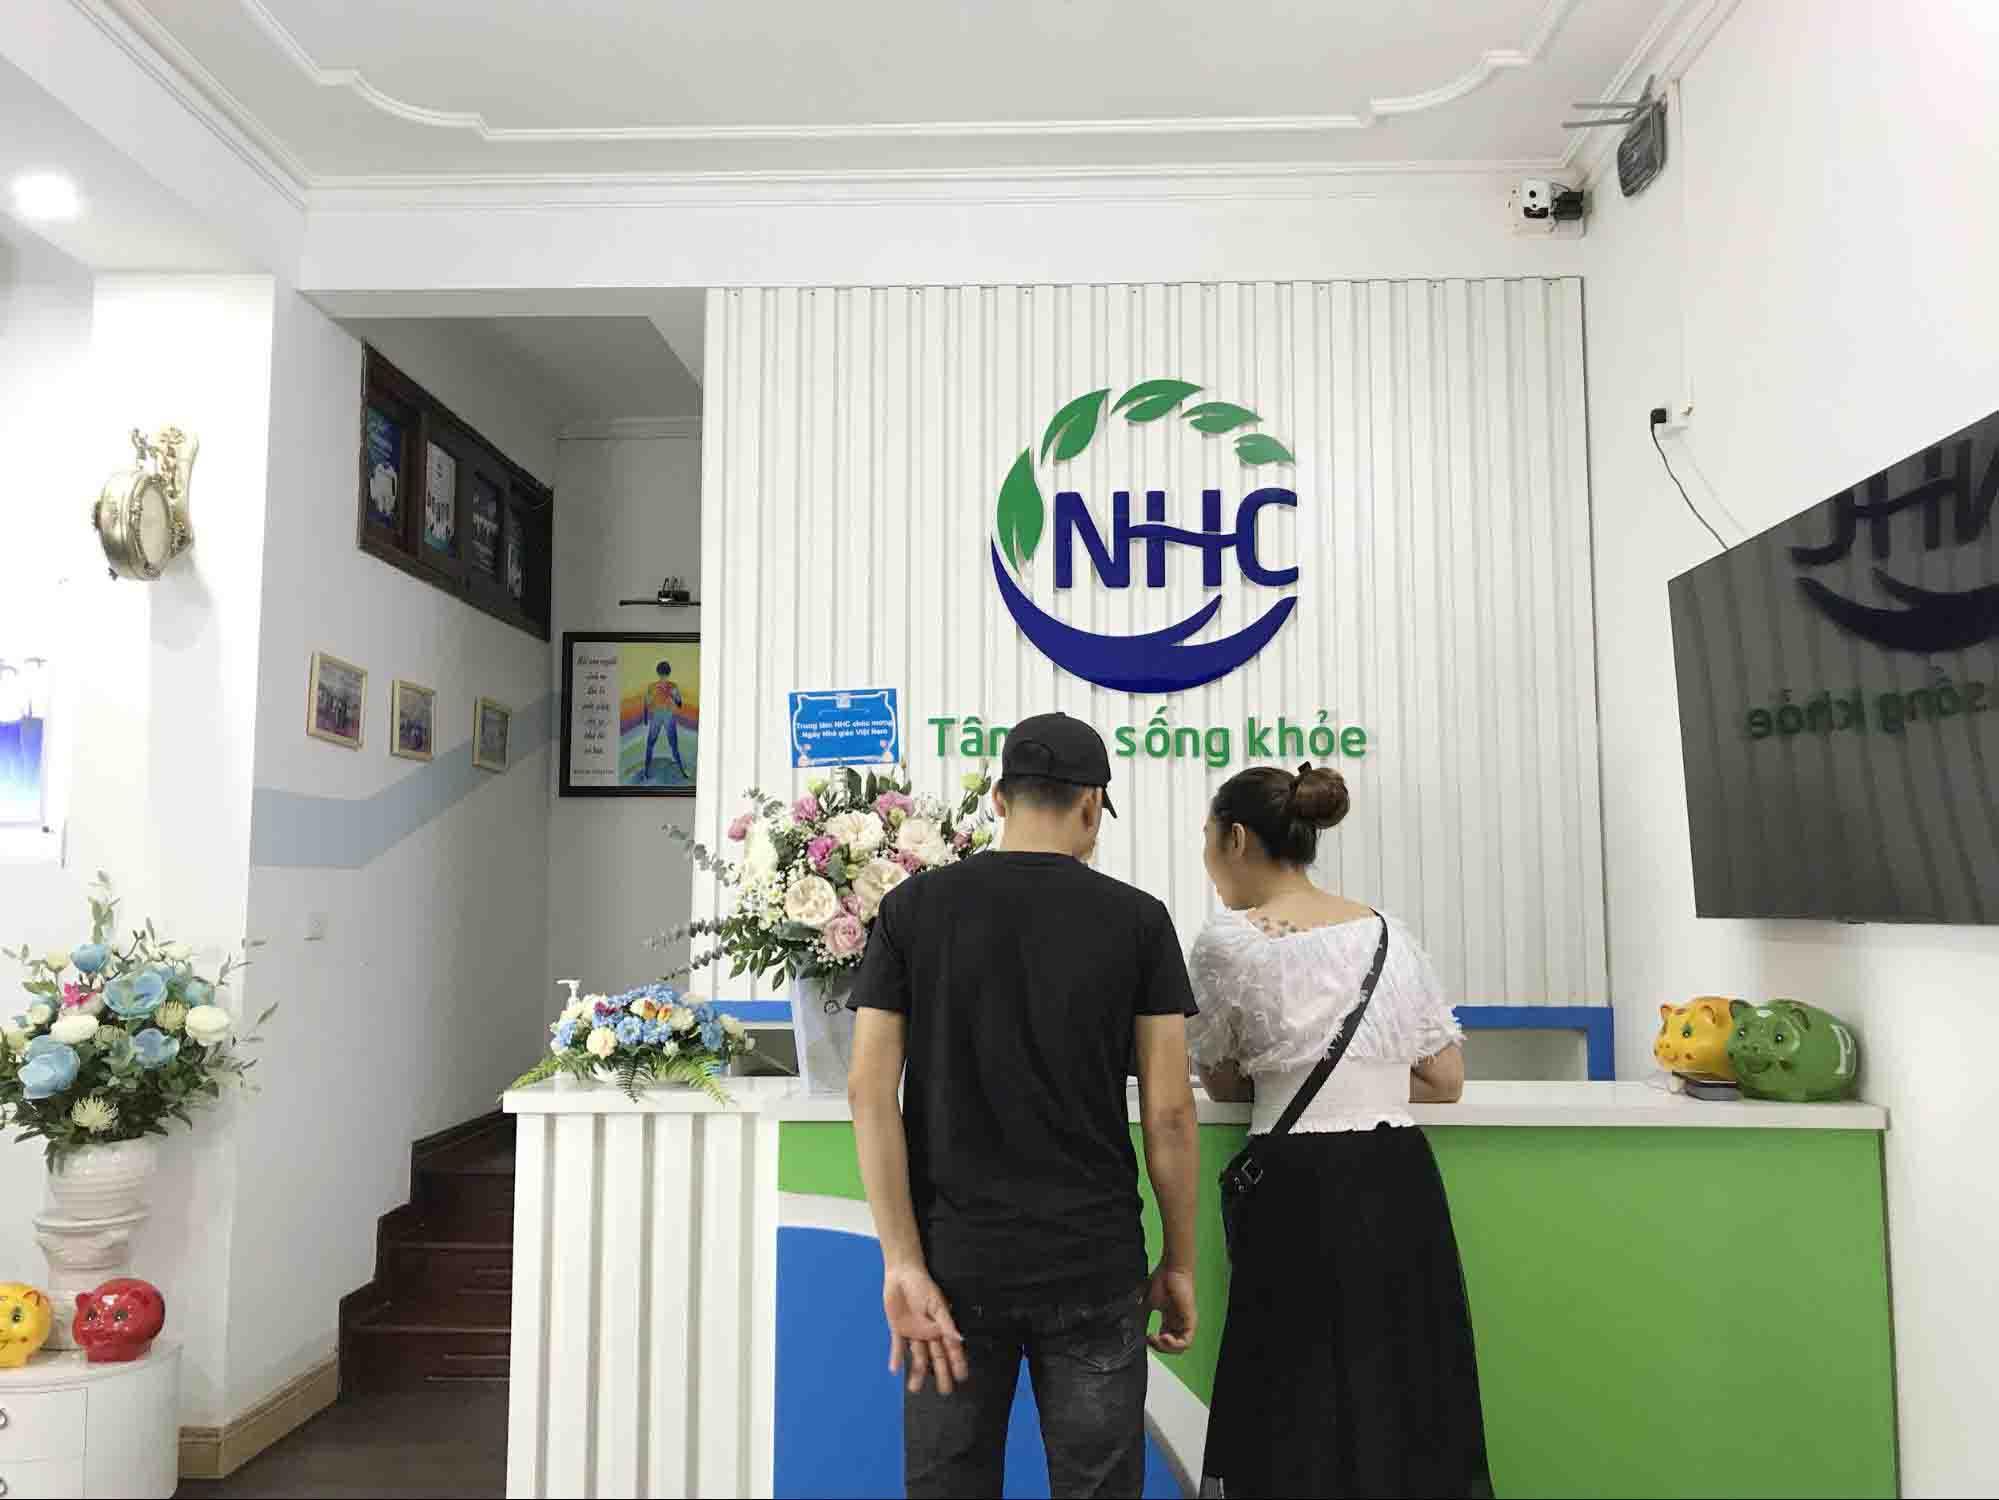 Chị Giang tới Trung tâm Tâm lý trị liệu NHC Việt Nam trong tình trạng trầm cảm sau sinh kéo dài đã hơn 1 năm